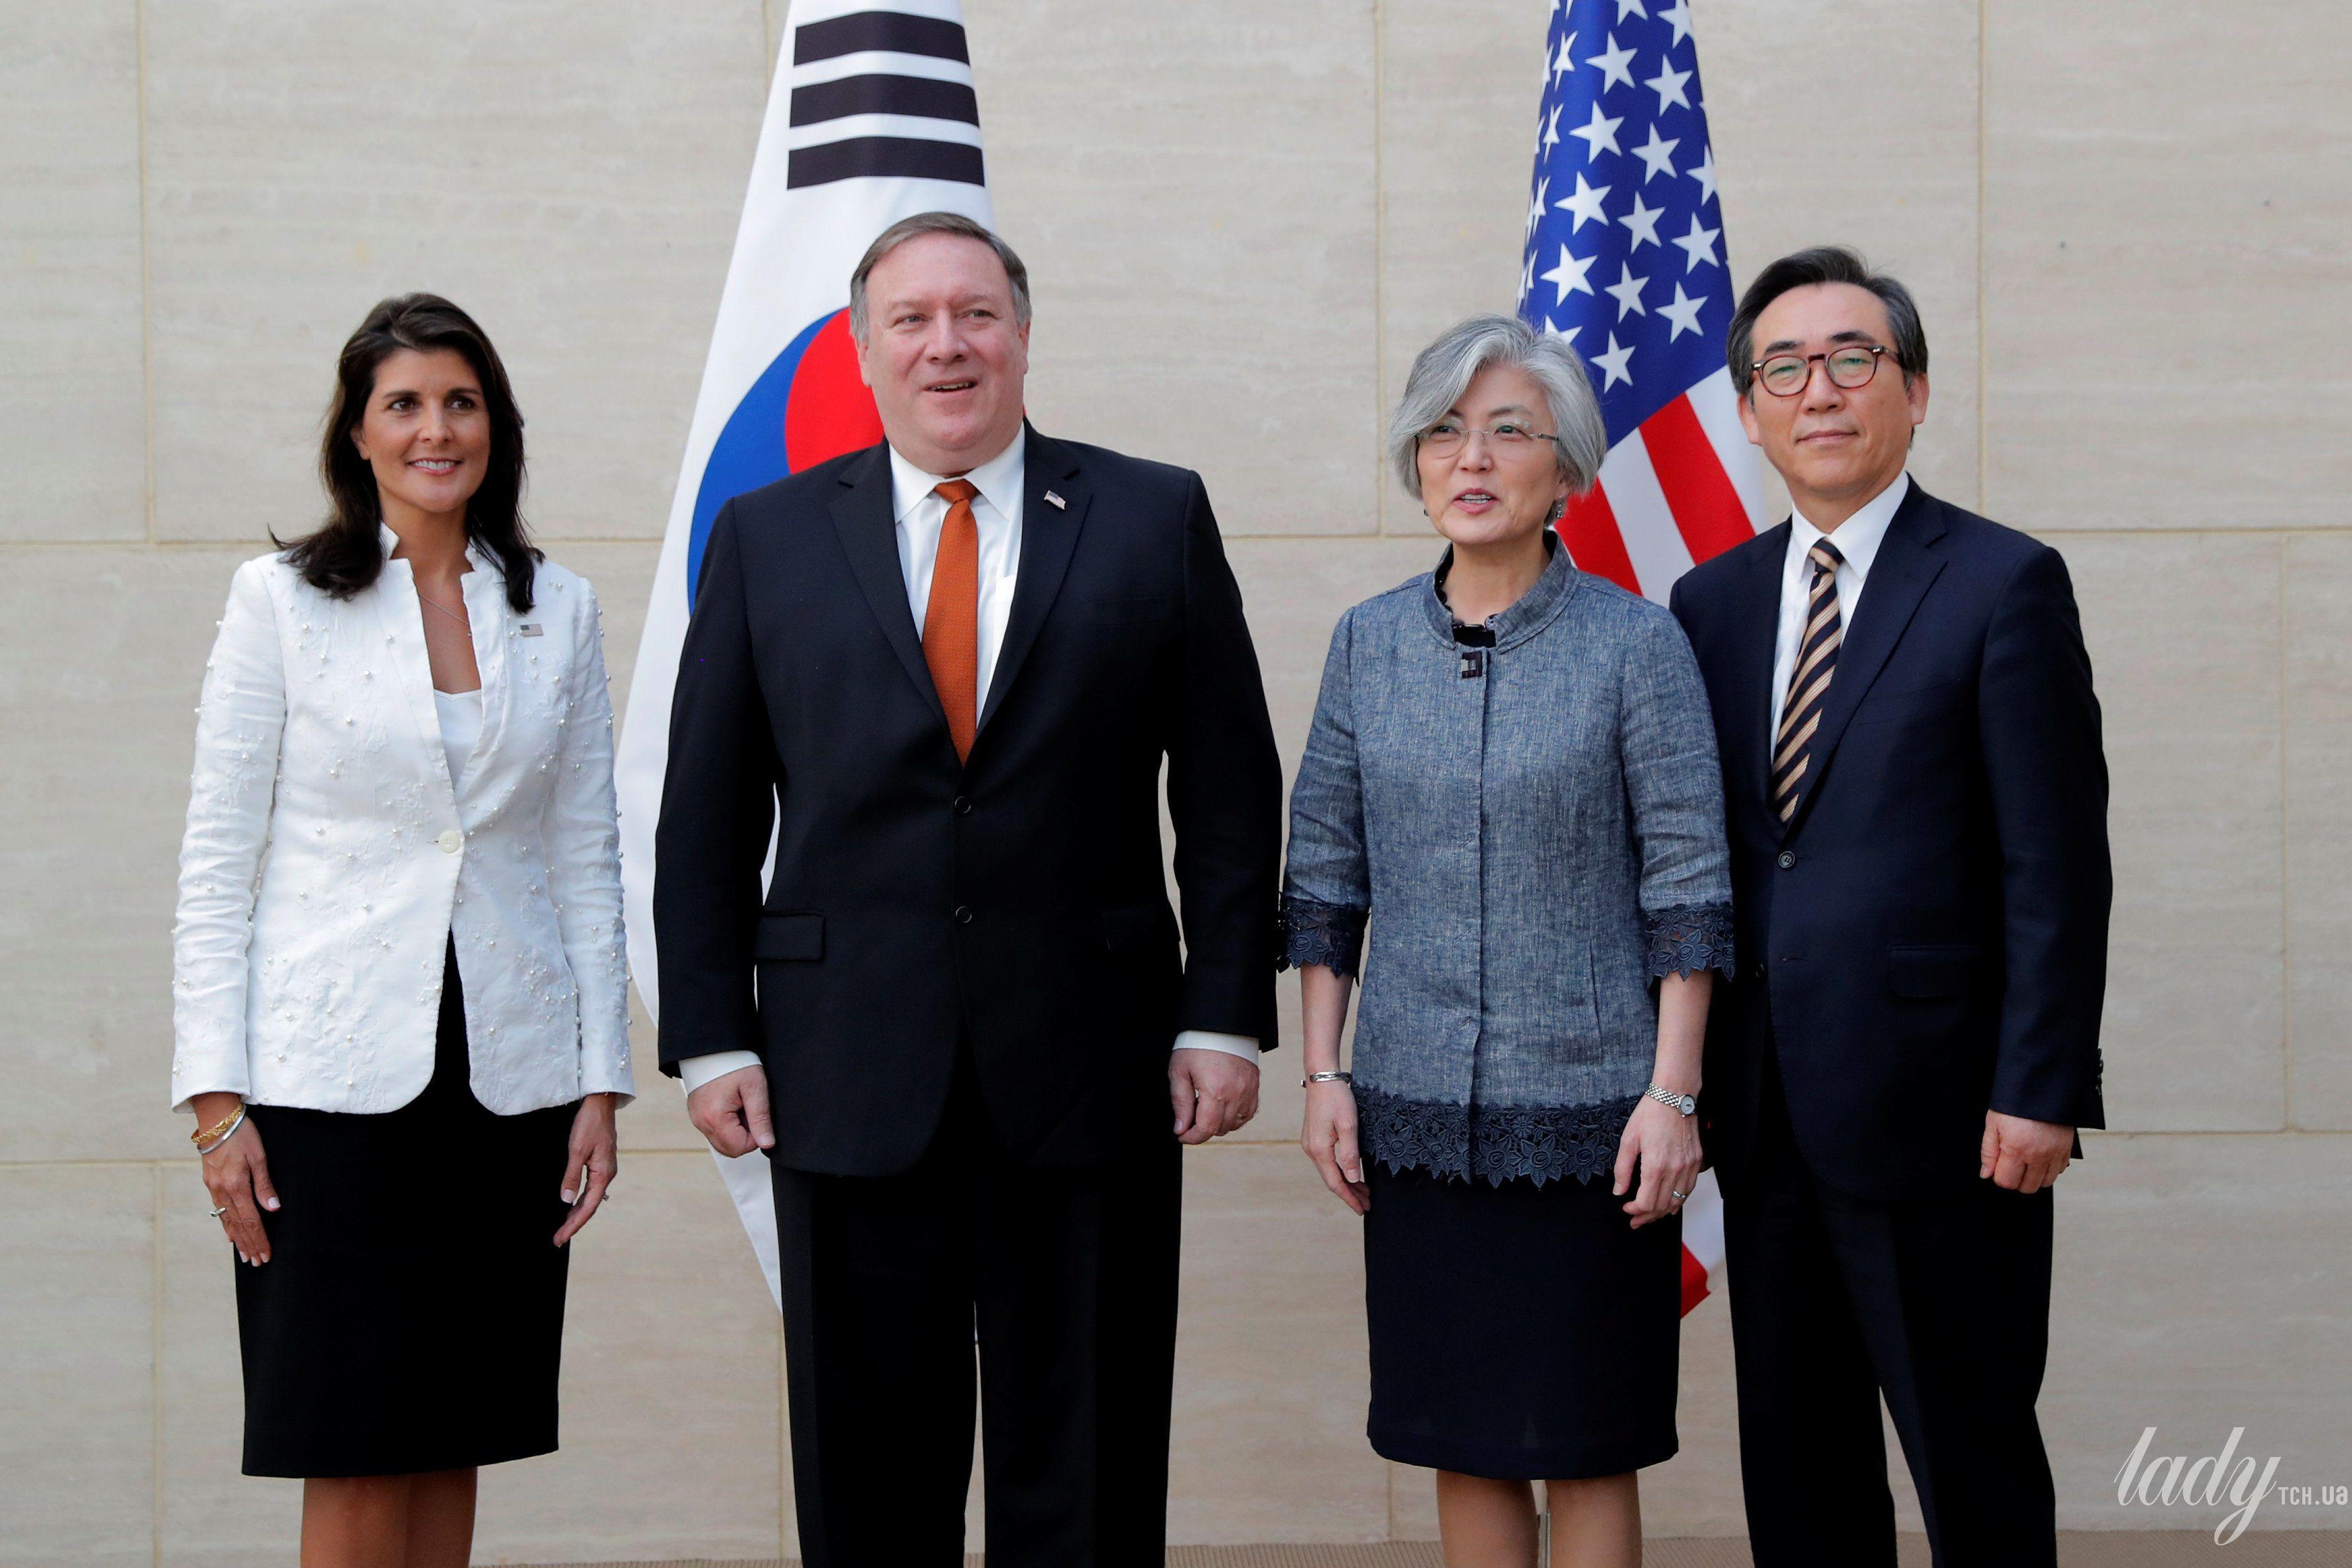 Посол США в ООН Никки Хейли